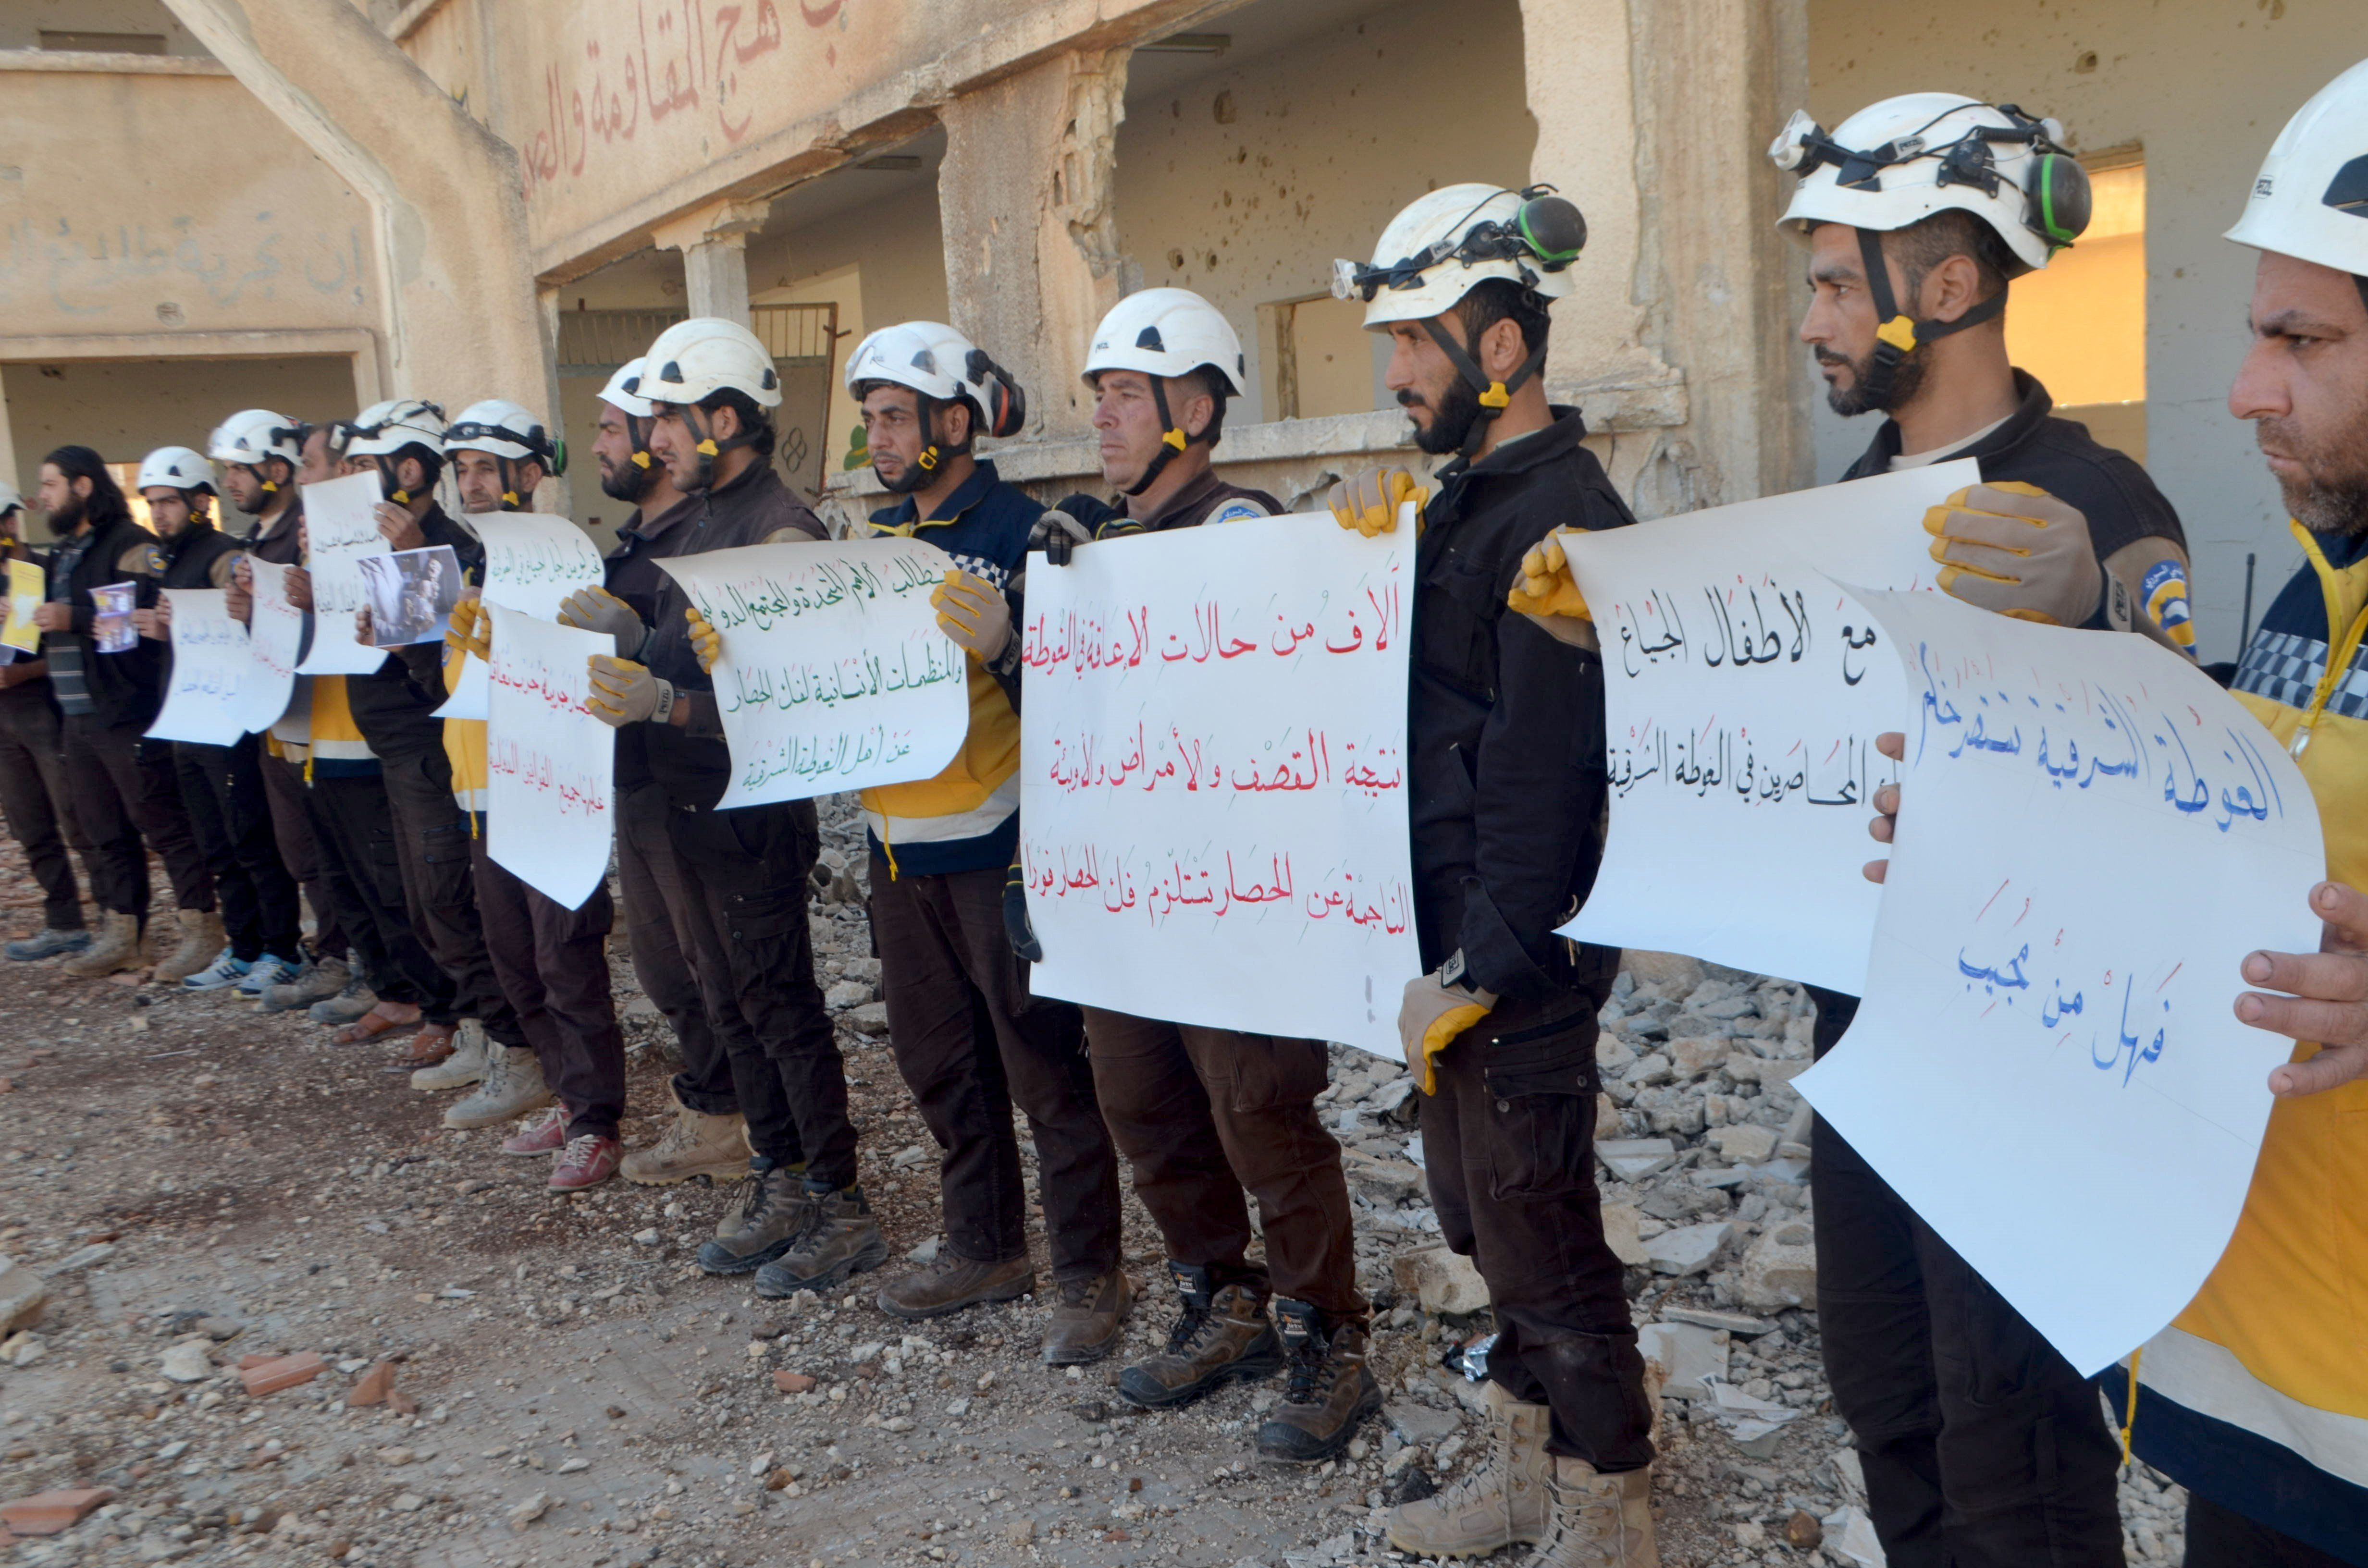 Στην Ιορδανία εκατοντάδες εθελοντές από τα «Λευκά Κράνη» για να μην πέσουν στα χέρια του